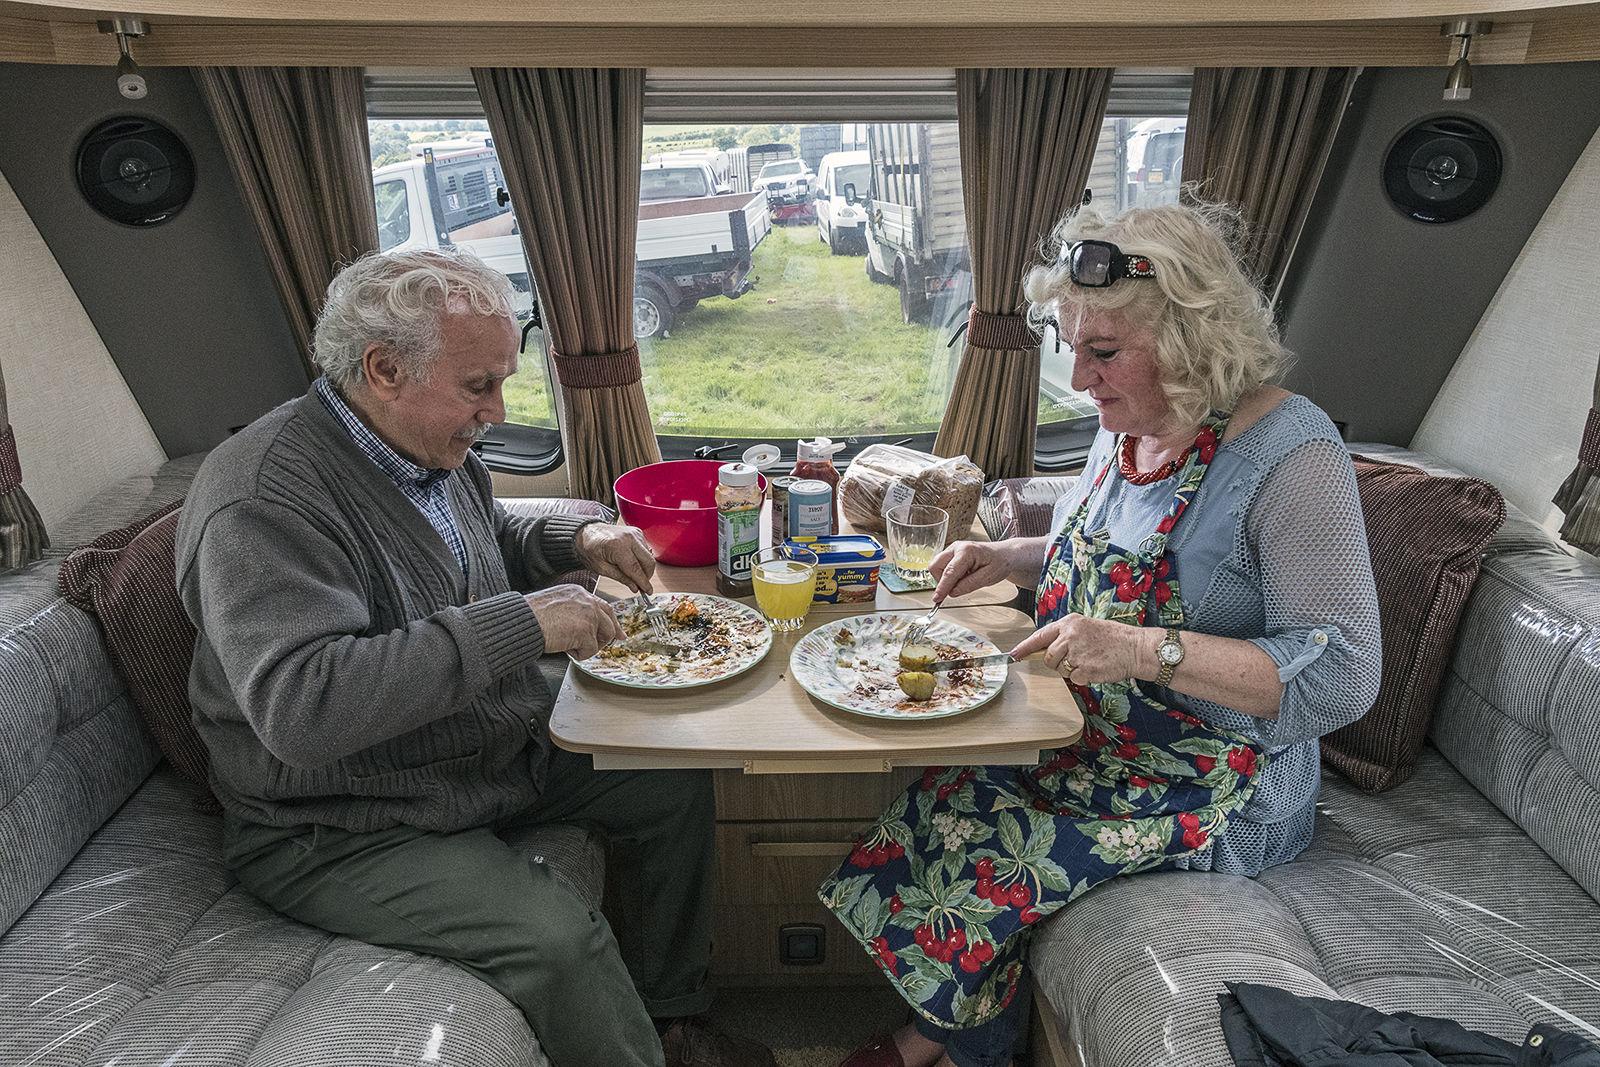 Romanichal Couple eating Dinner, Appleby Horse Fair, UK 2019